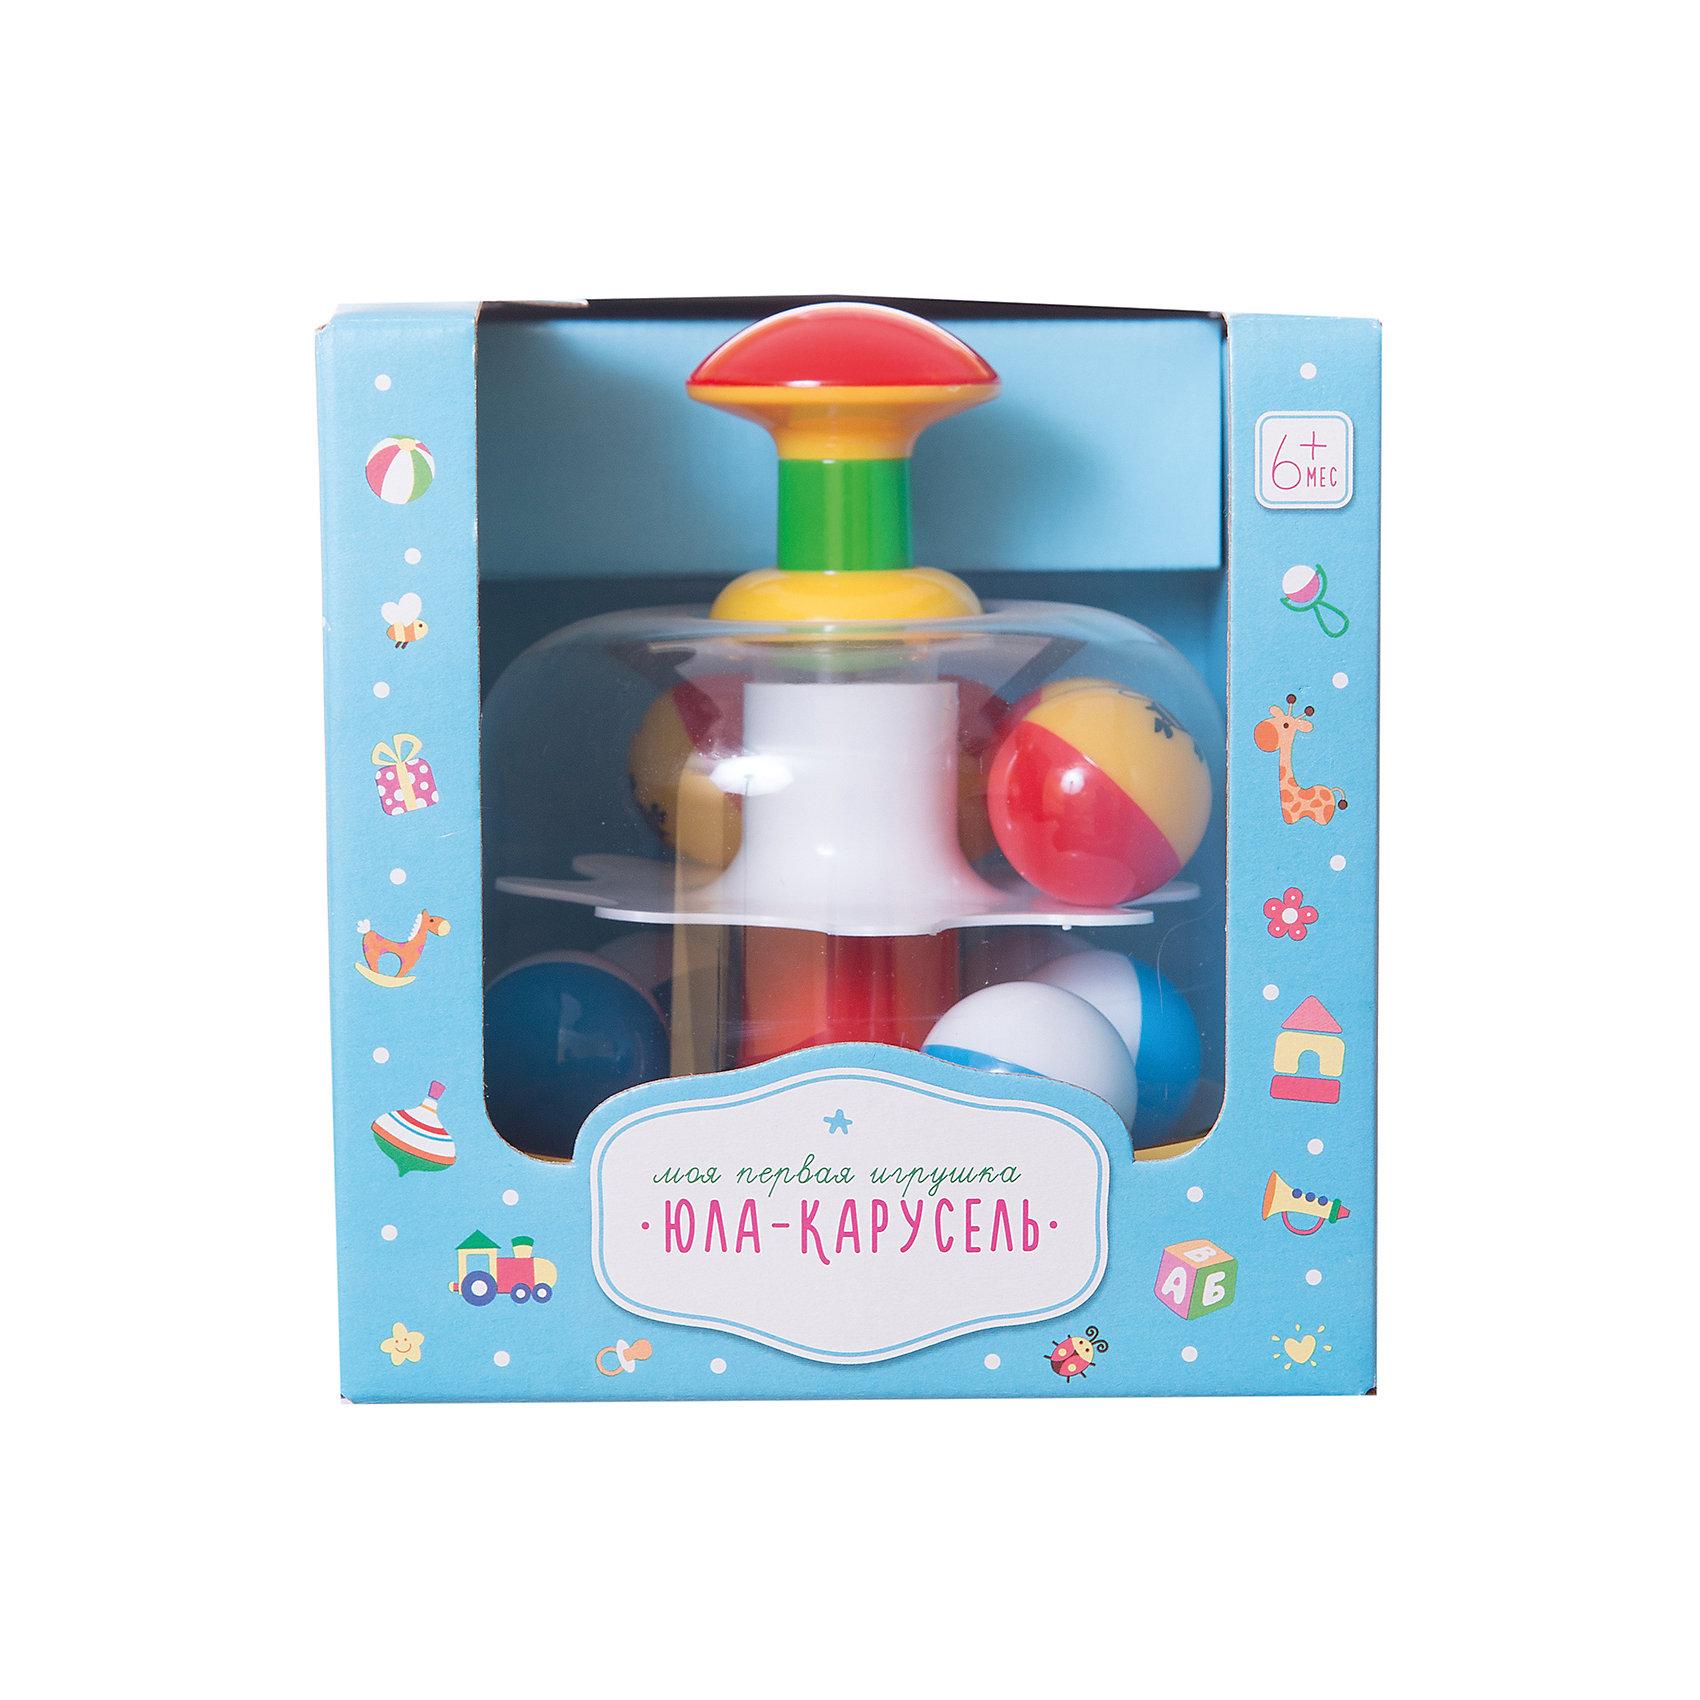 Стеллар Стеллар Юла-карусель с шариками (коробка) стеллар стеллар юла домик в деревне